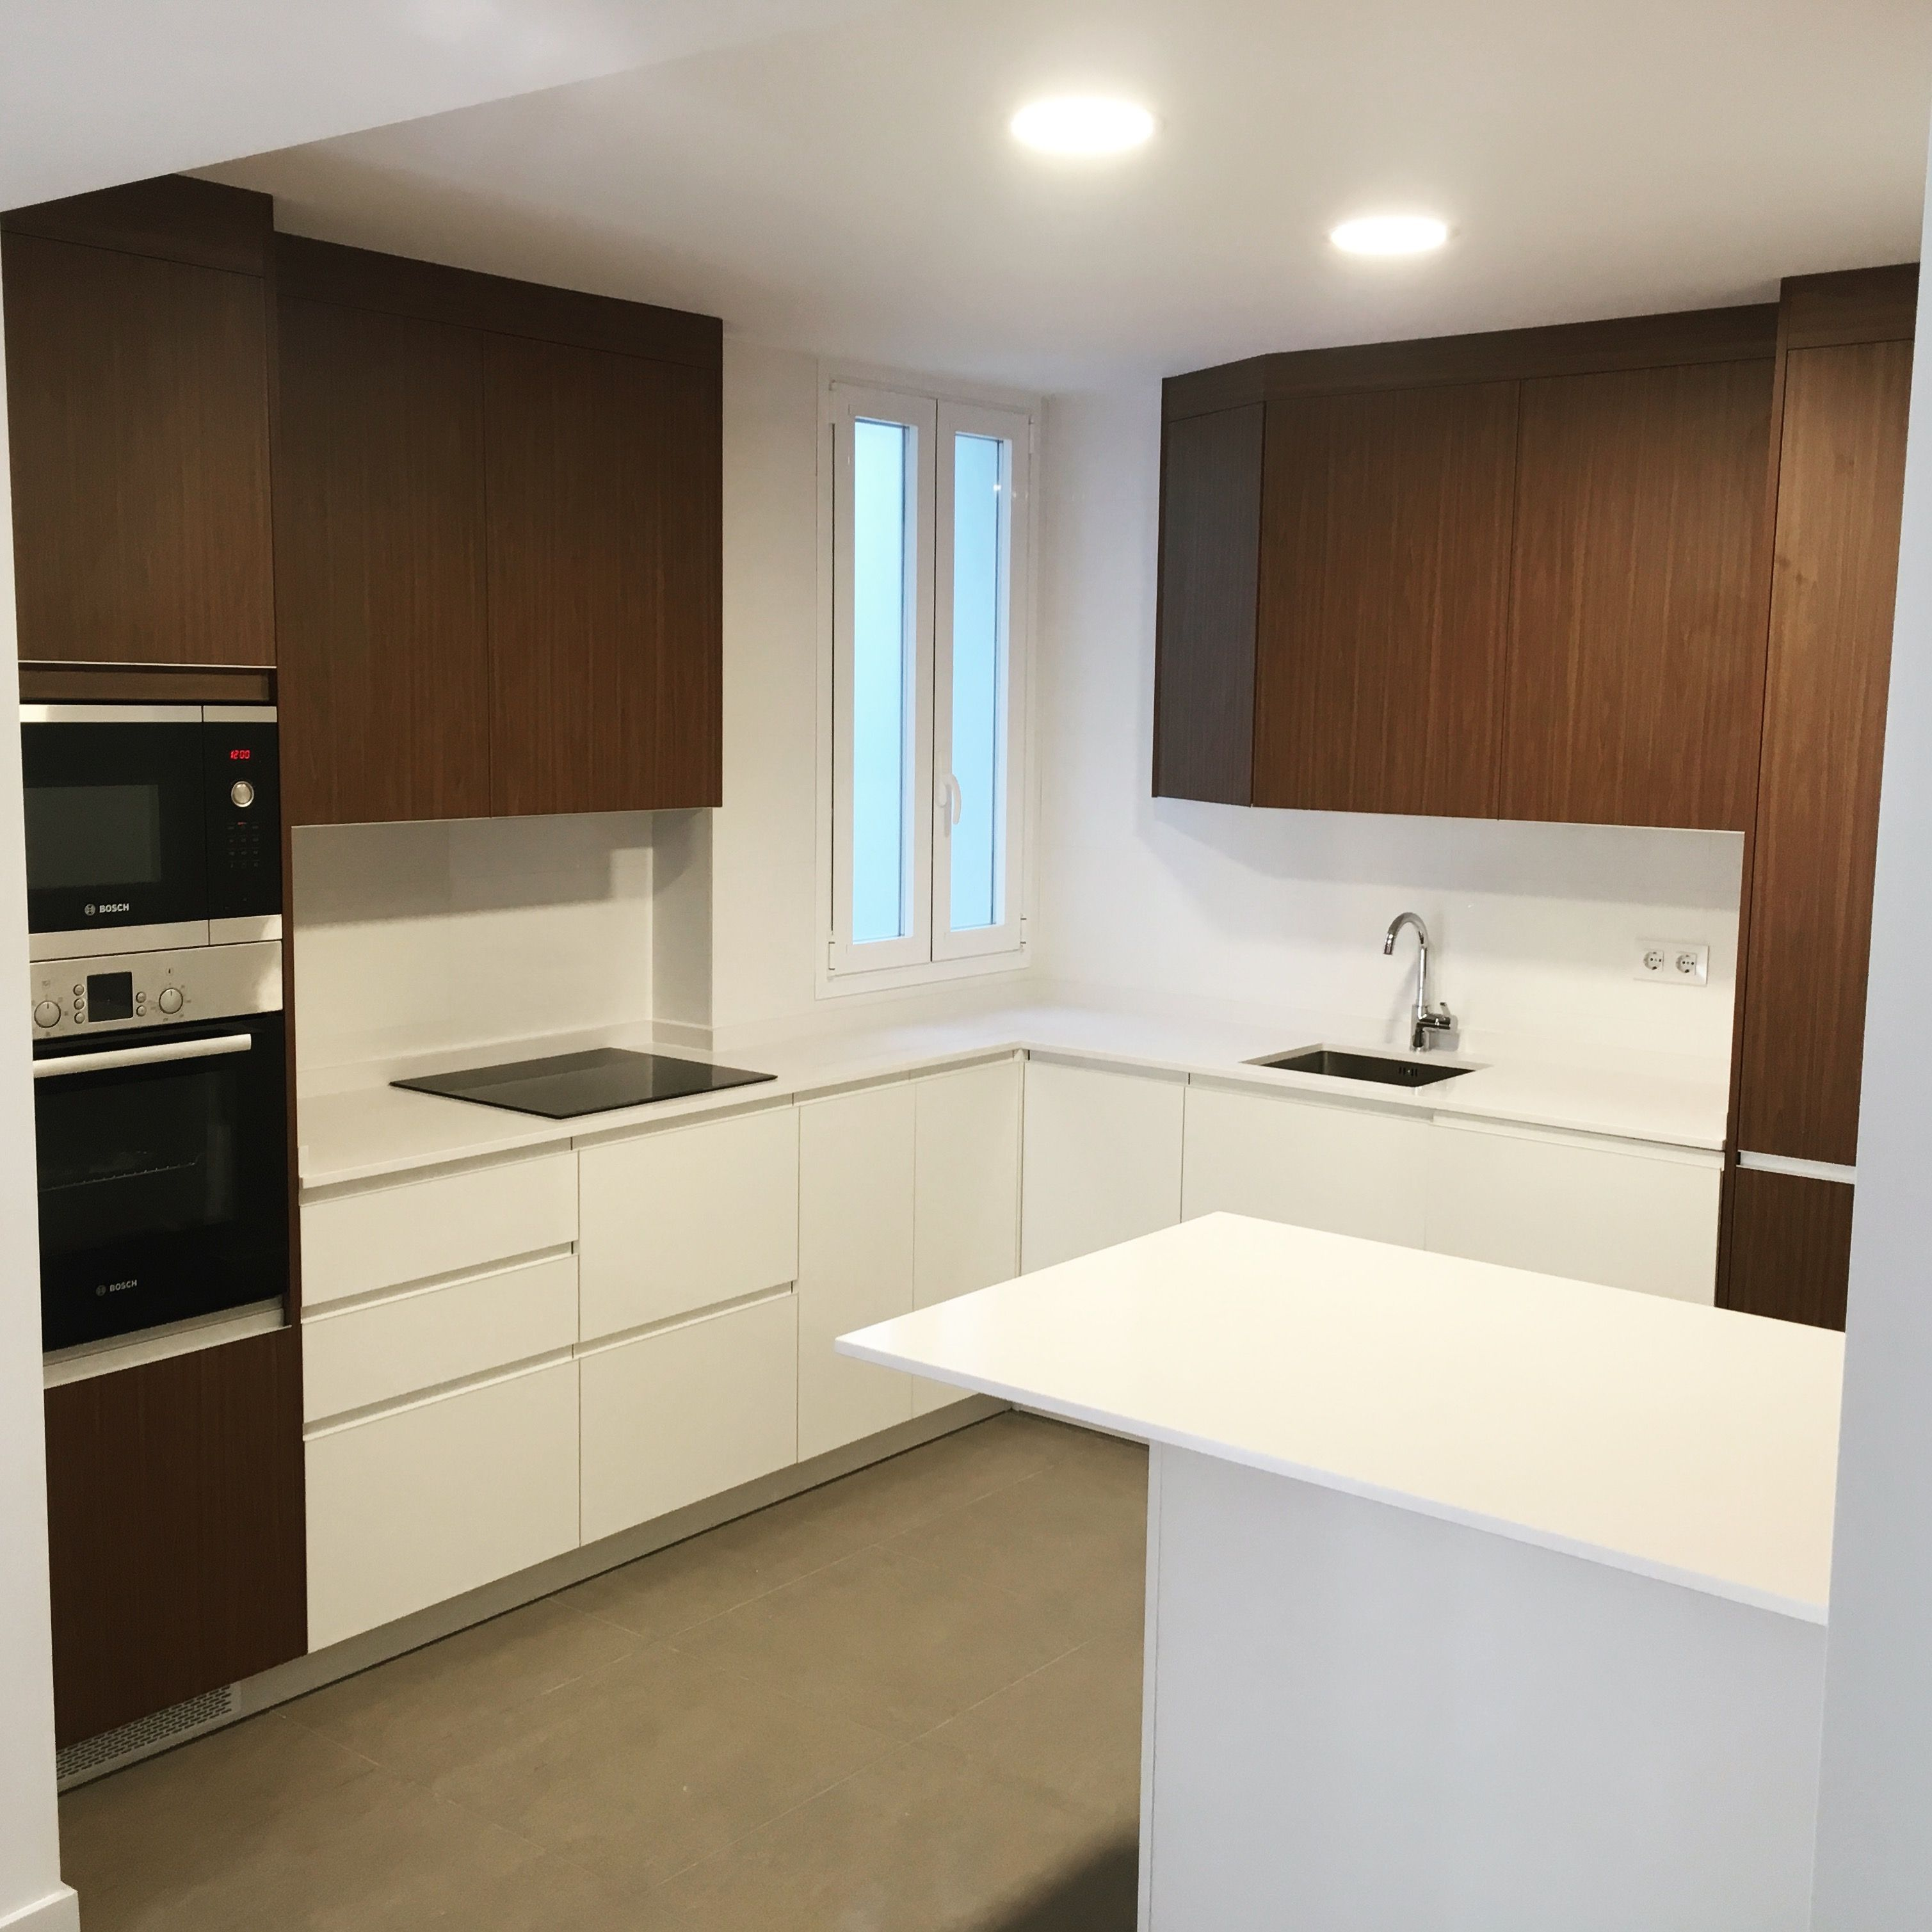 Cocina en blanco y nogal en 2019 cocinas - Cocina sin tiradores ...